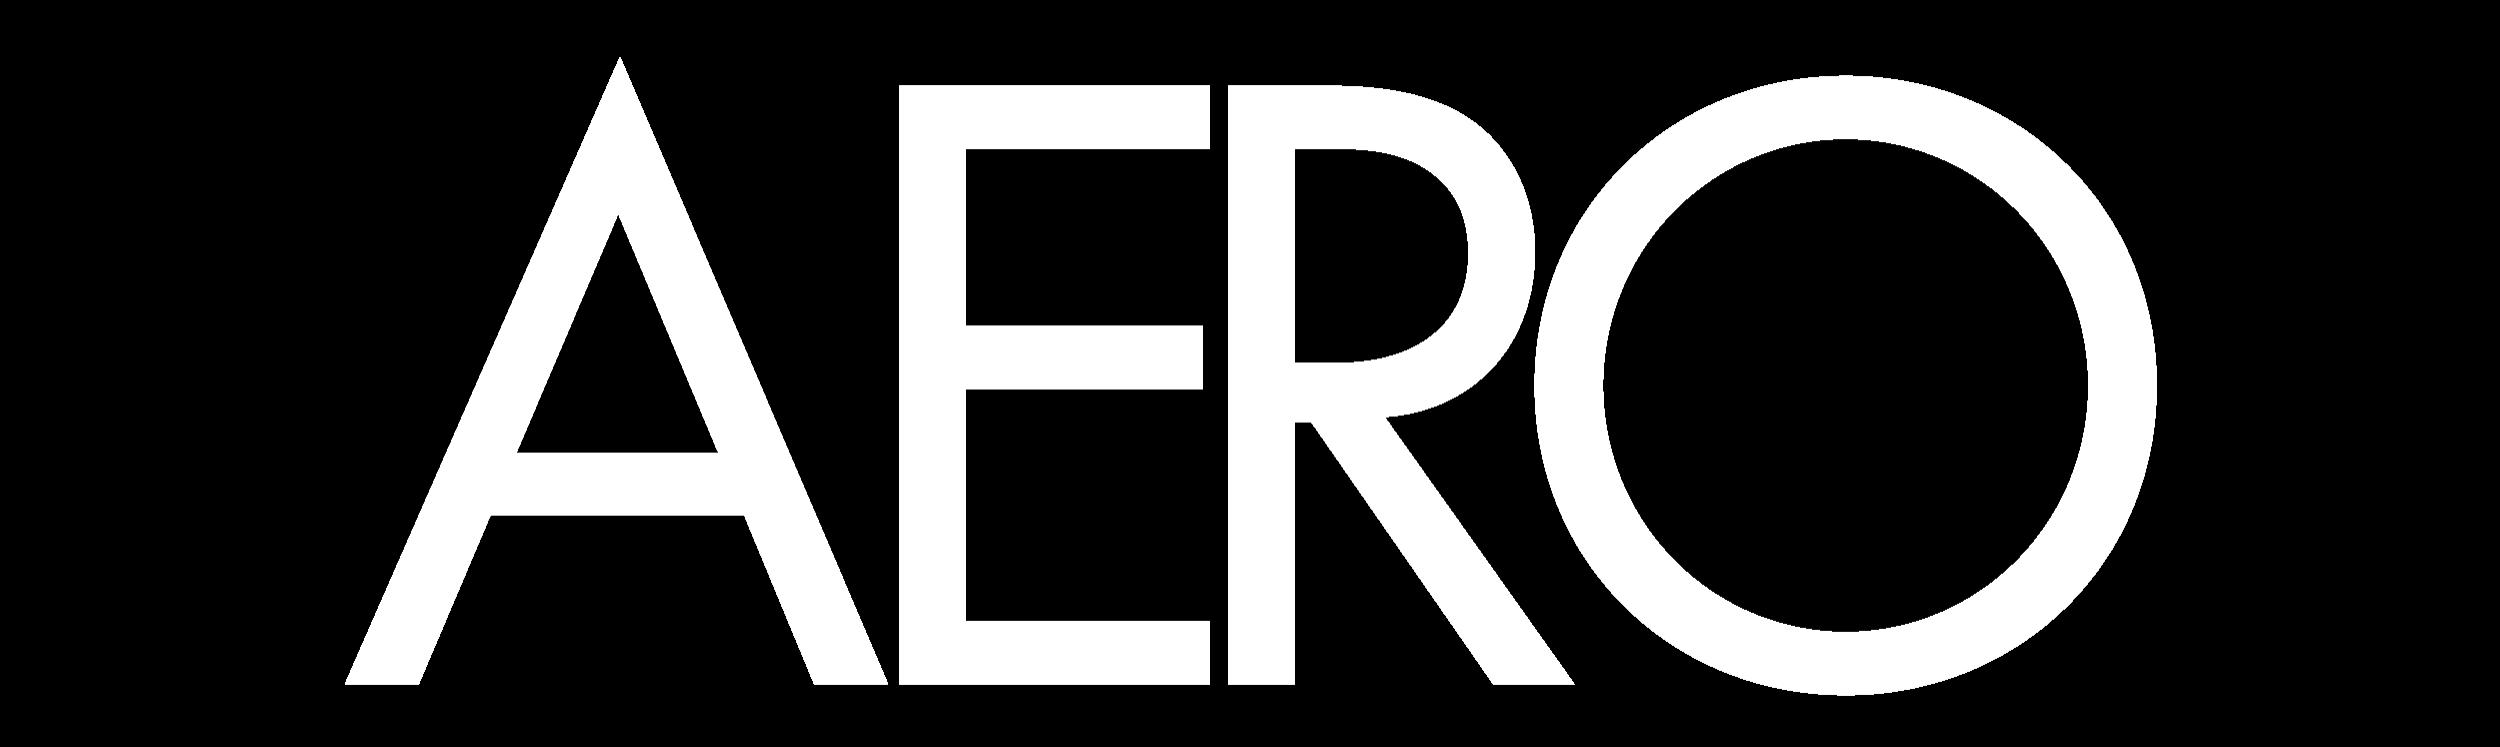 Aero-logo-white.png